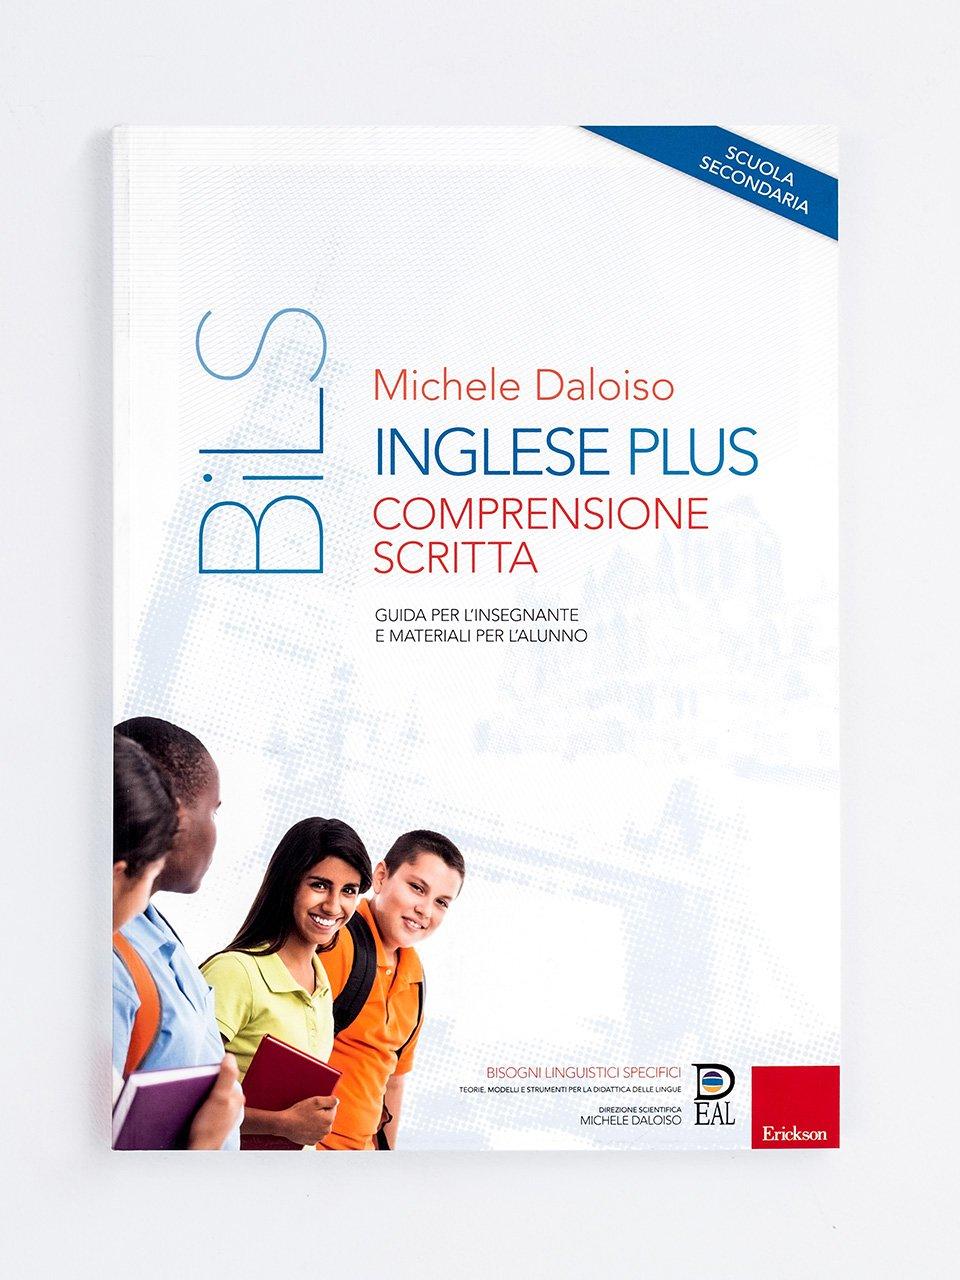 Inglese Plus - Comprensione scritta - Spagnolo Plus - Produzione scritta - Libri - Erickson